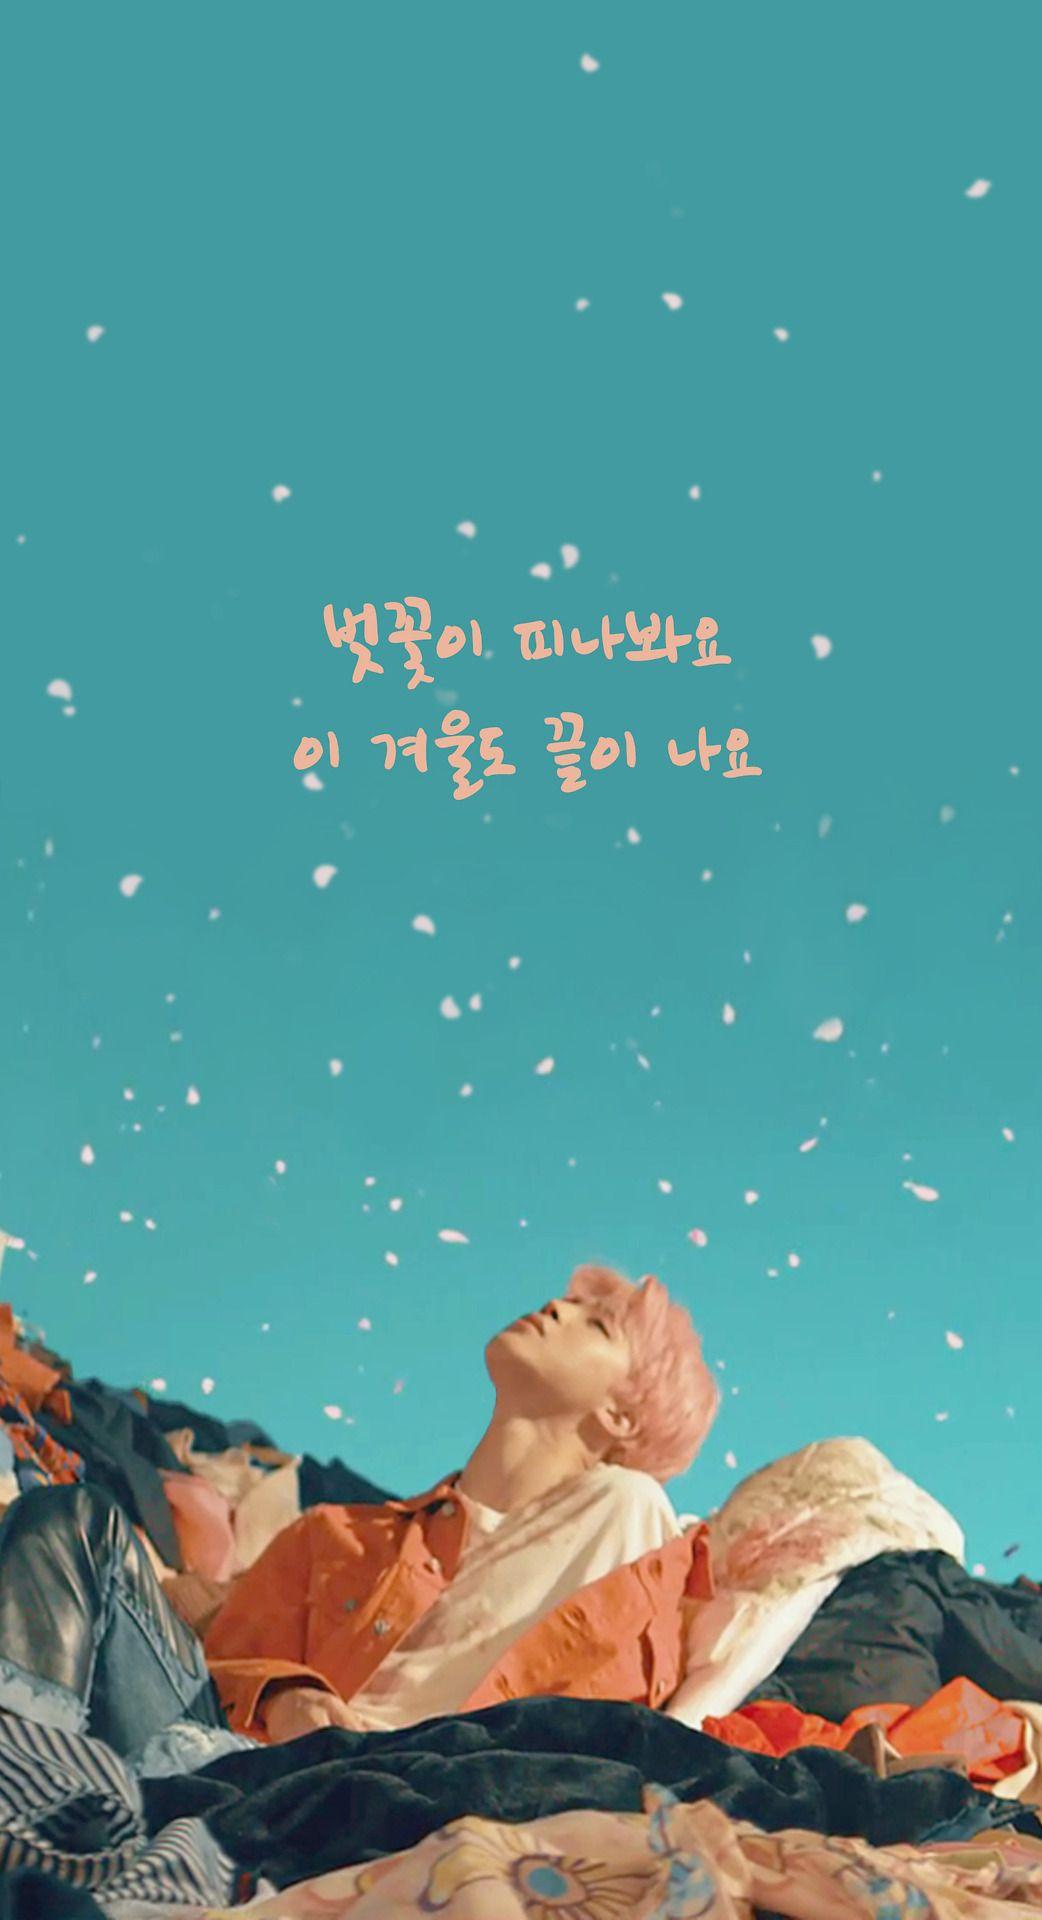 Bts Spring Day wallpaper Wallpaper Pinterest BTS